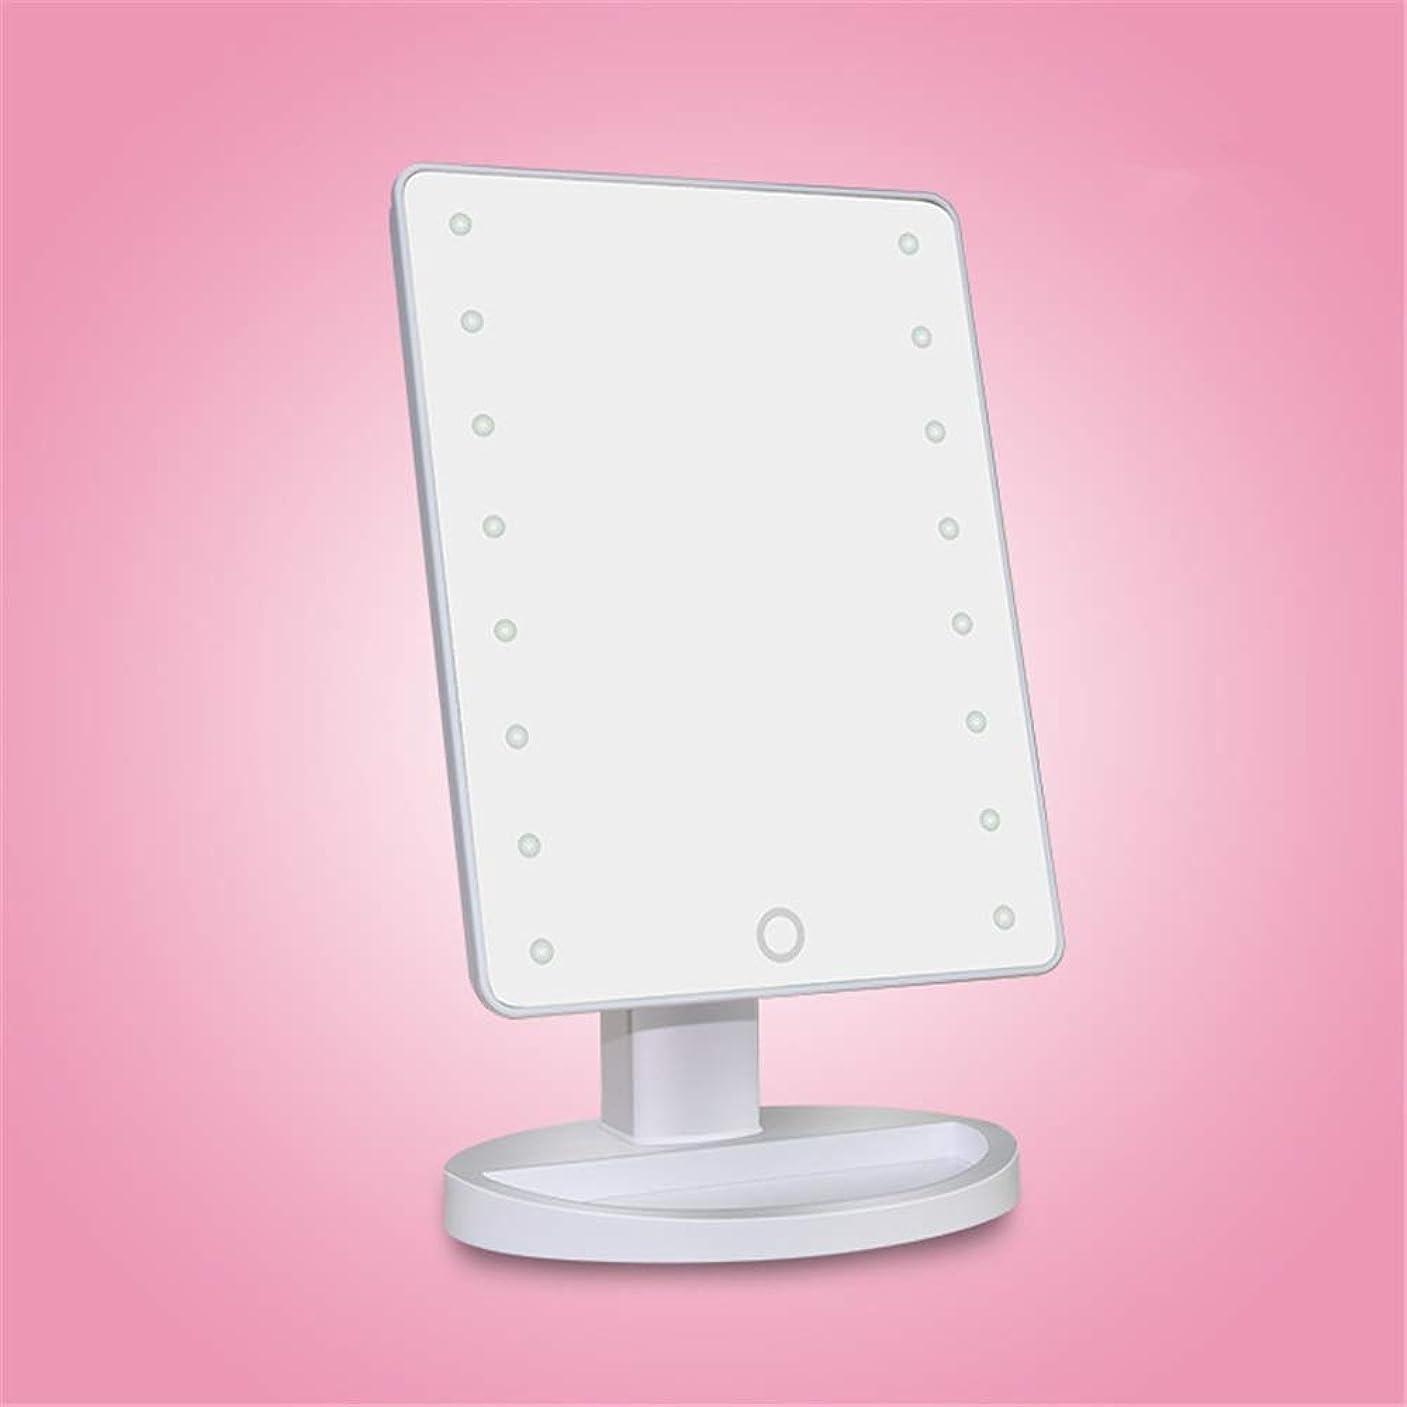 スポーツをする目立つ確認する化粧鏡 ライトが付いている電池式の導かれた構造の虚栄心ミラー180°調節可能な回転を薄暗くするタッチ画面が付いている照明付きミラー (色 : 白, サイズ : Free size)